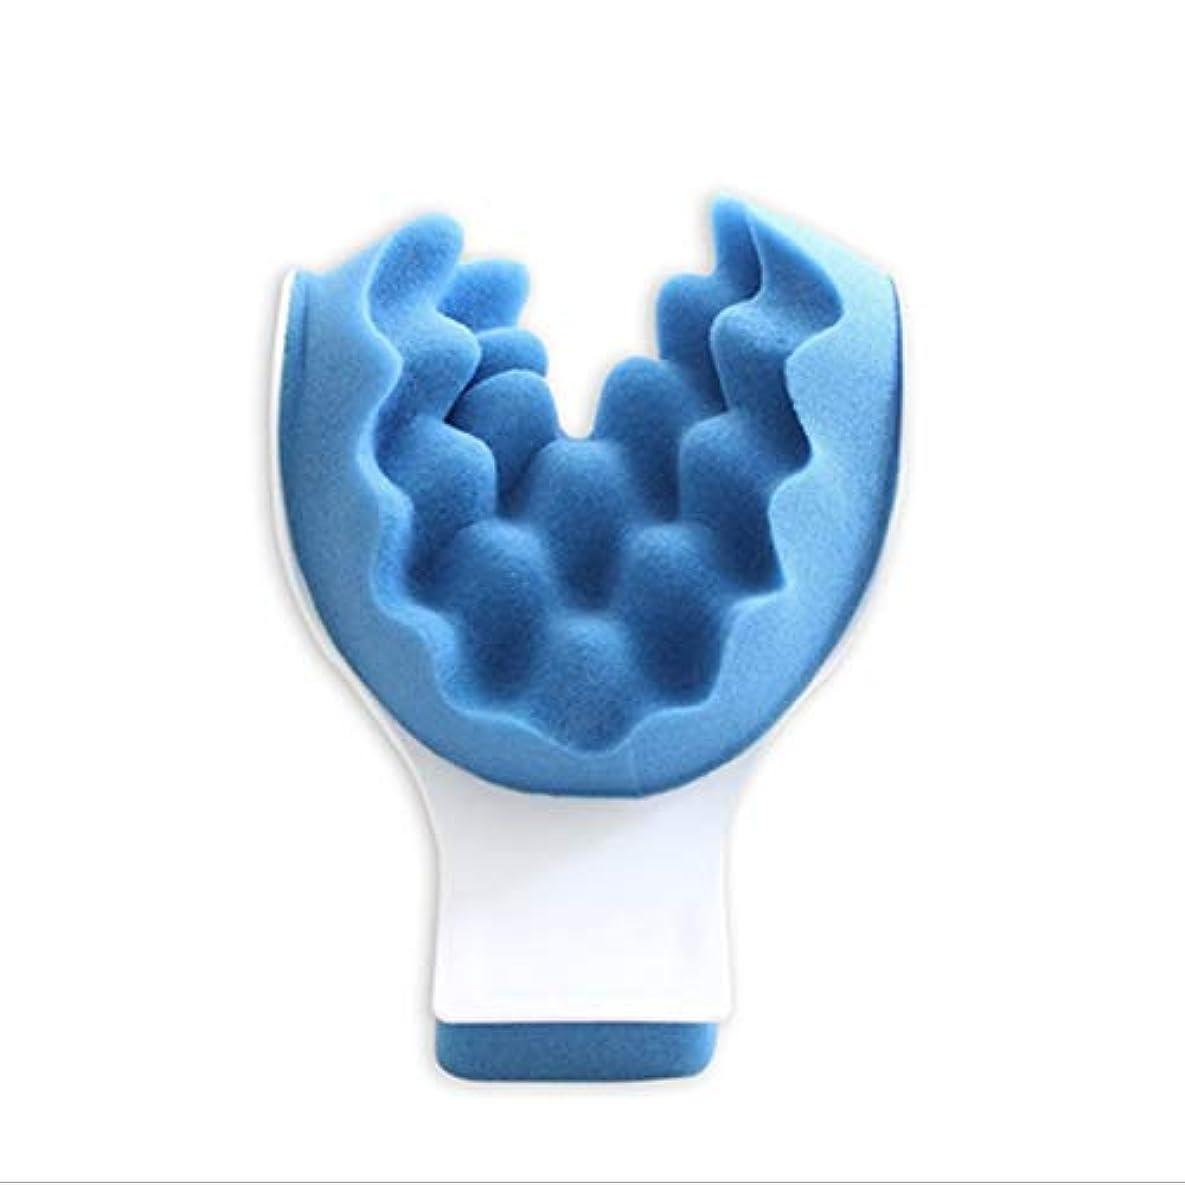 有限時系列反論マッスルテンションリリーフタイトネスと痛みの緩和セラピーティックネックサポートテンションリリーフネック&ショルダーリラクサー - ブルー